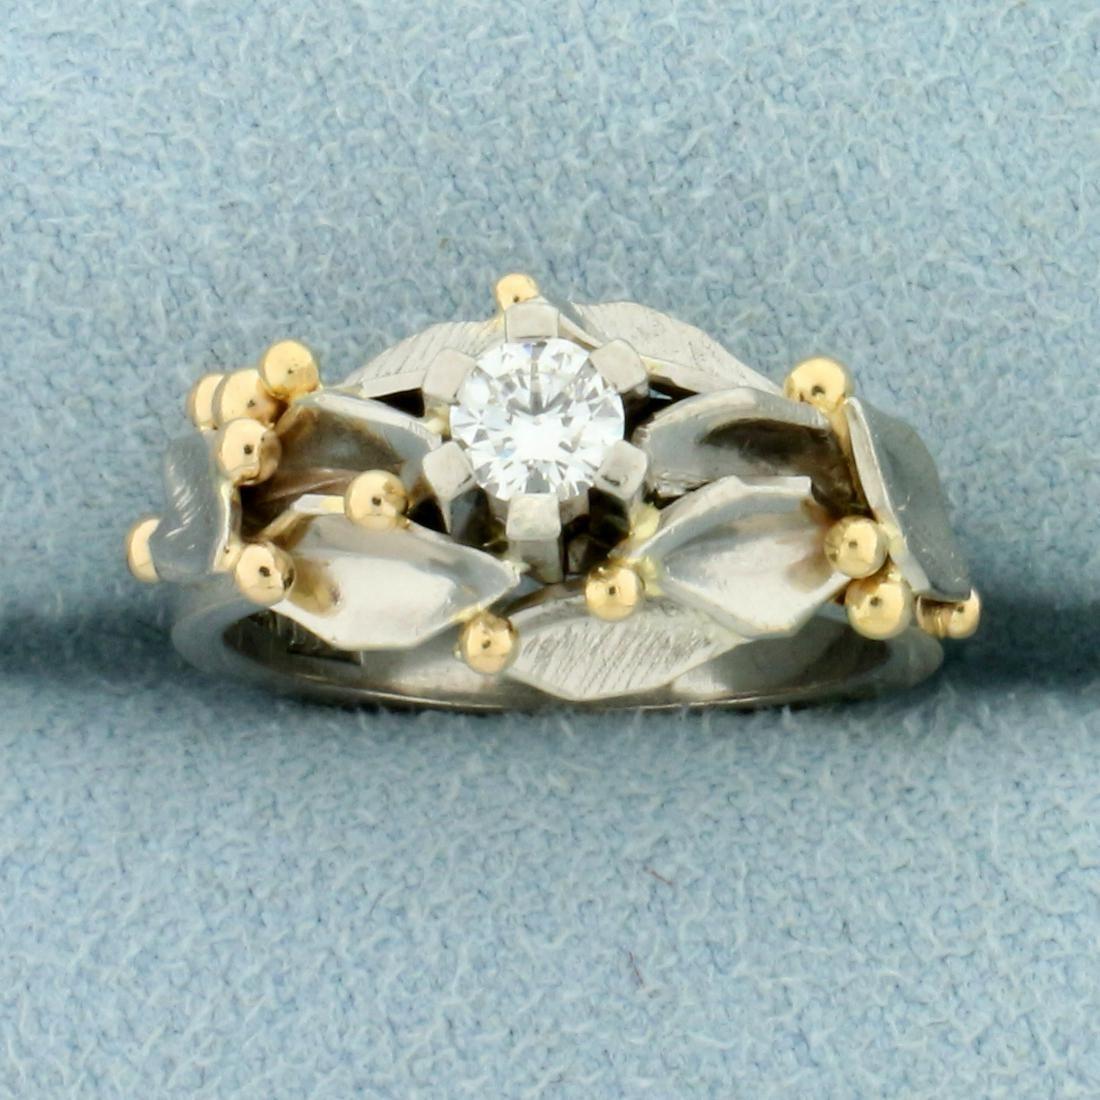 Unique Custom Designed 1/4ct Diamond Solitaire Ring in